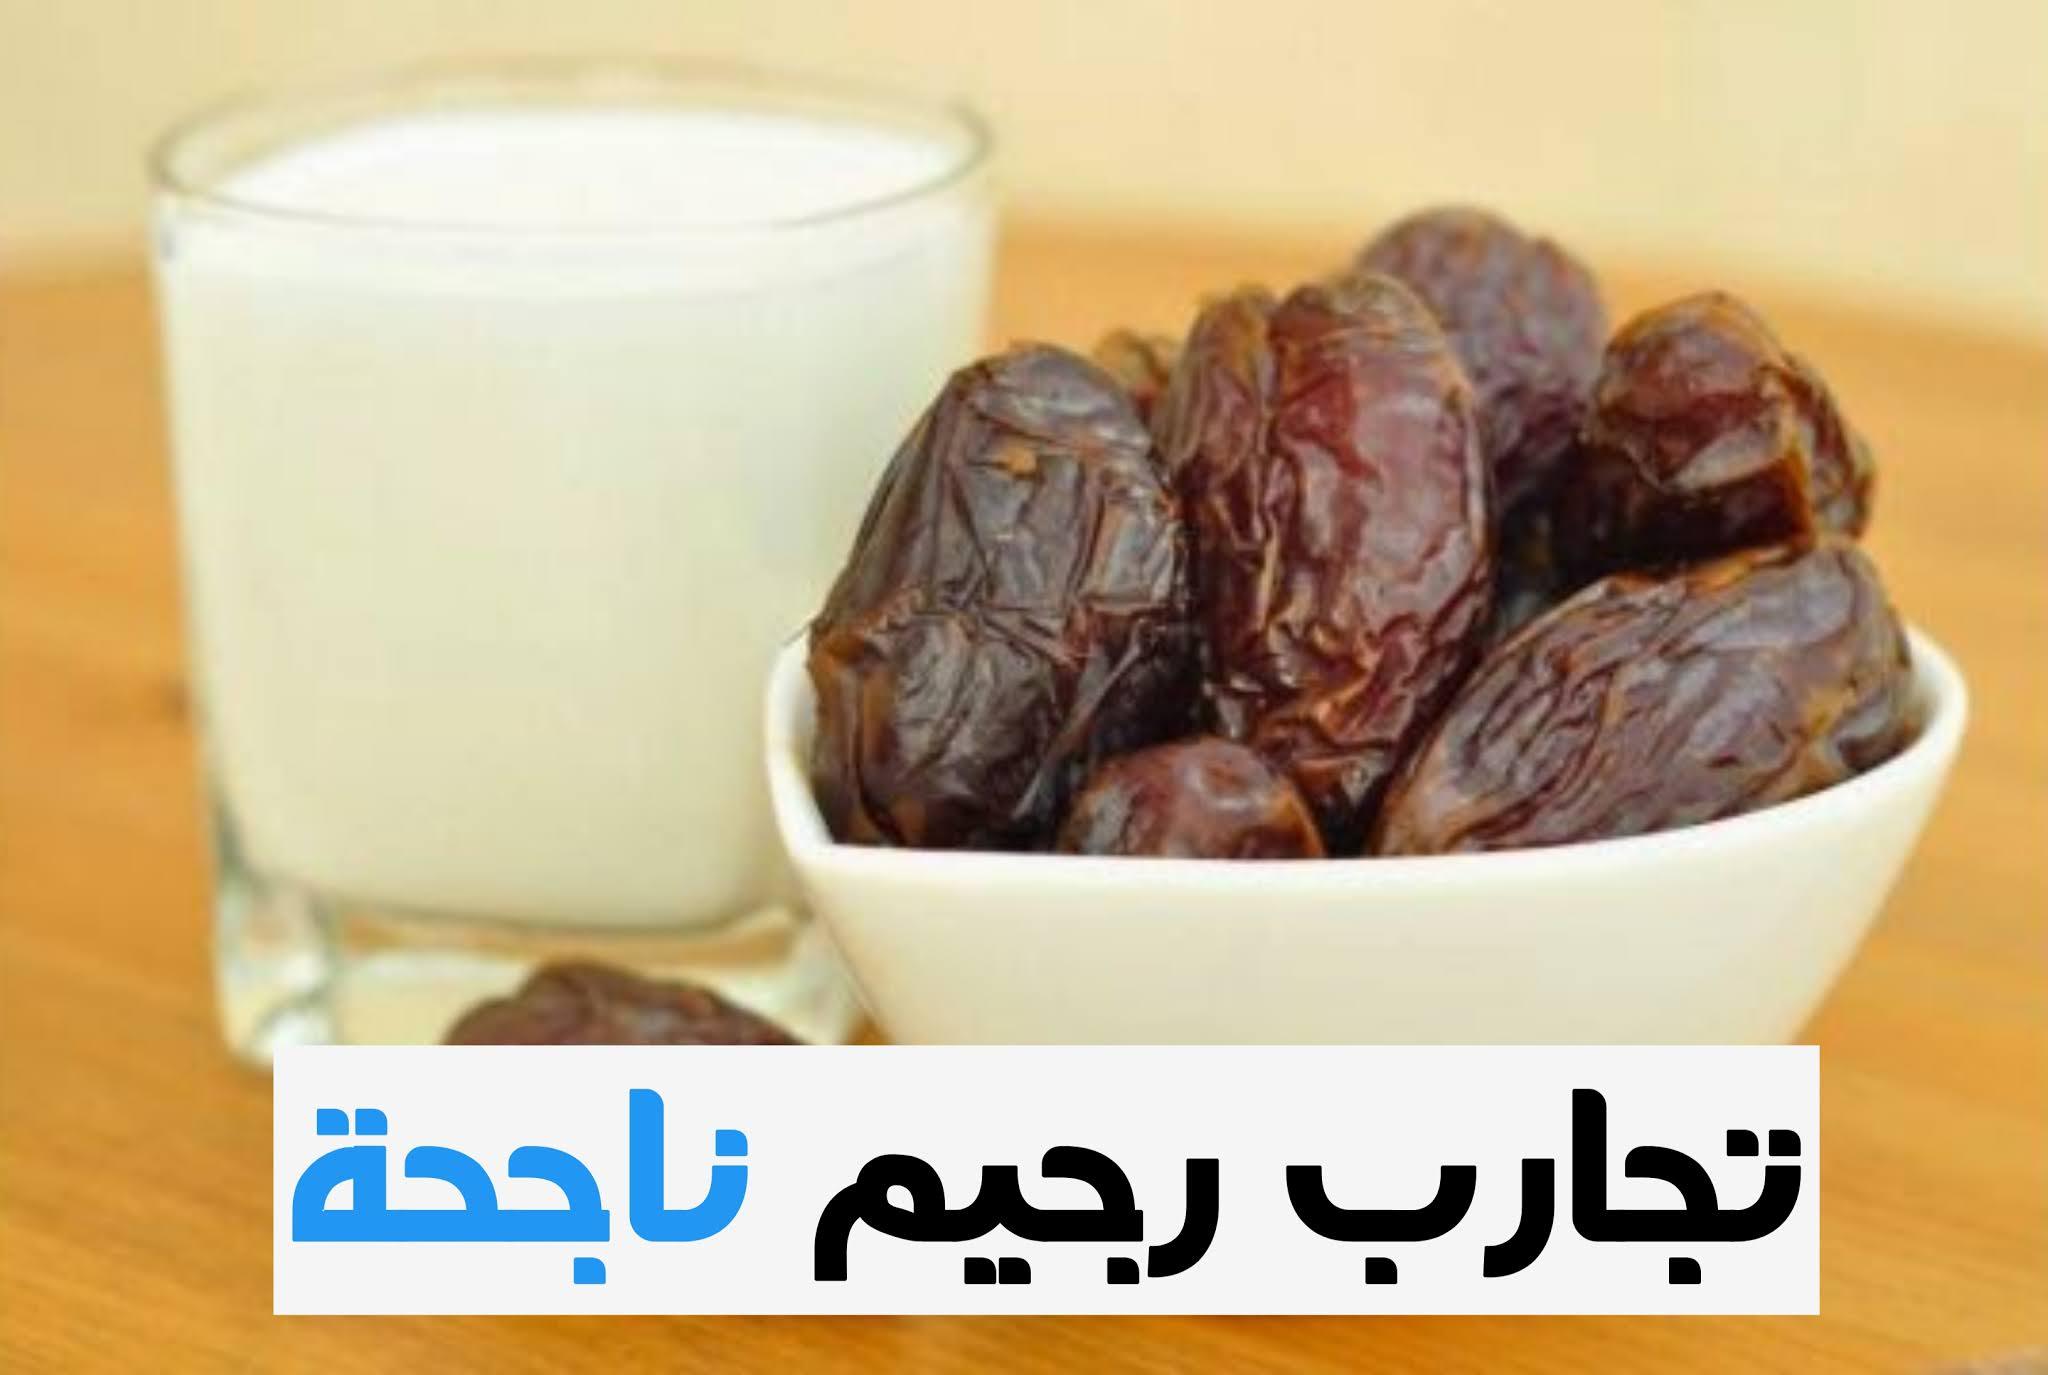 تجربتي الناجحة مع رجيم التمر والحليب في رمضان